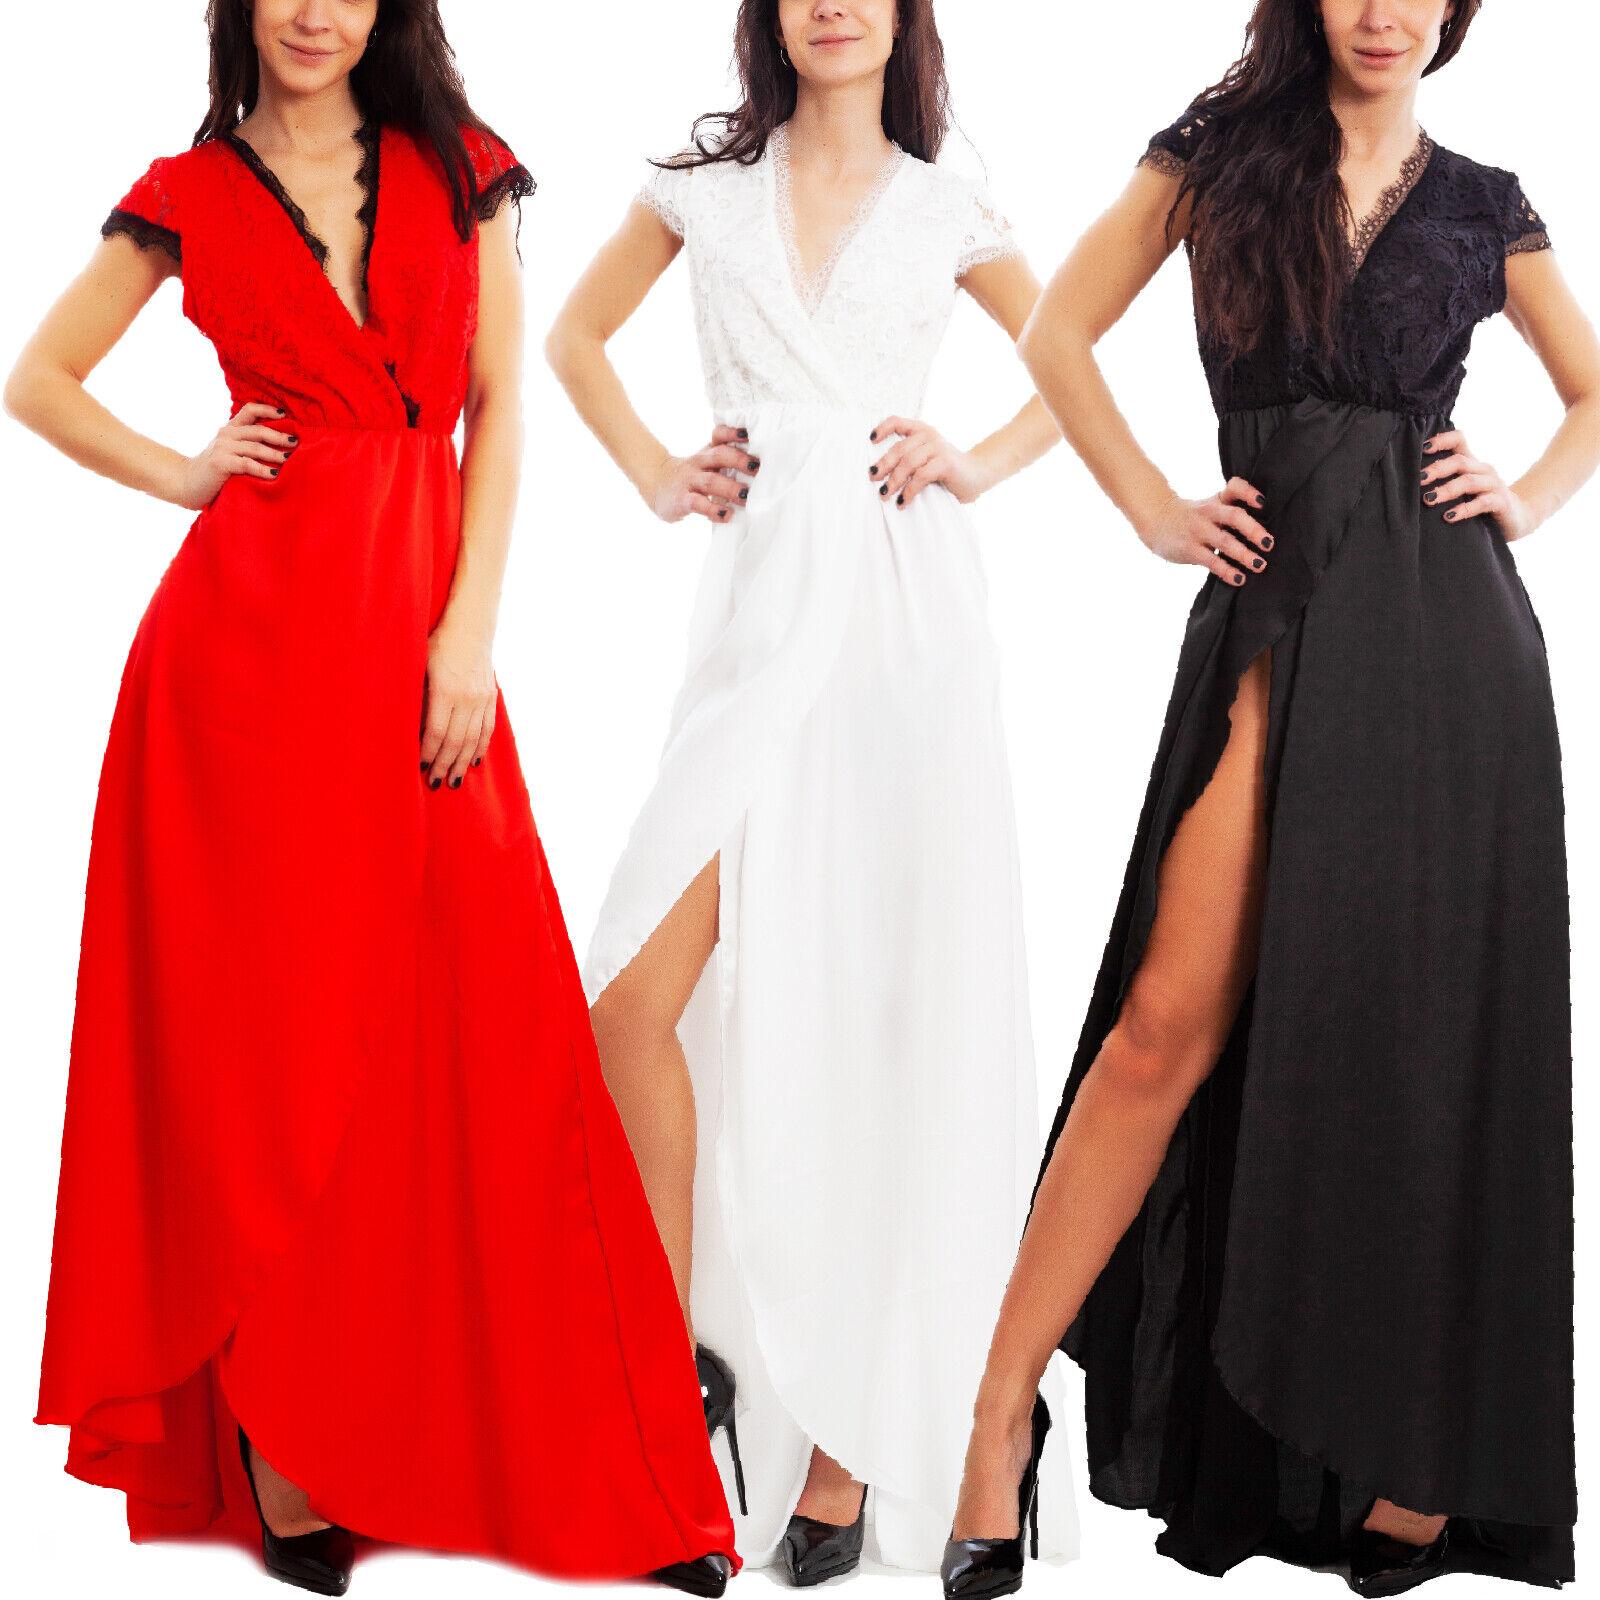 Details zu Kleid Frau Langes Kleid Elegant Festliches Corsage Spitze  Toocool JL-144-14